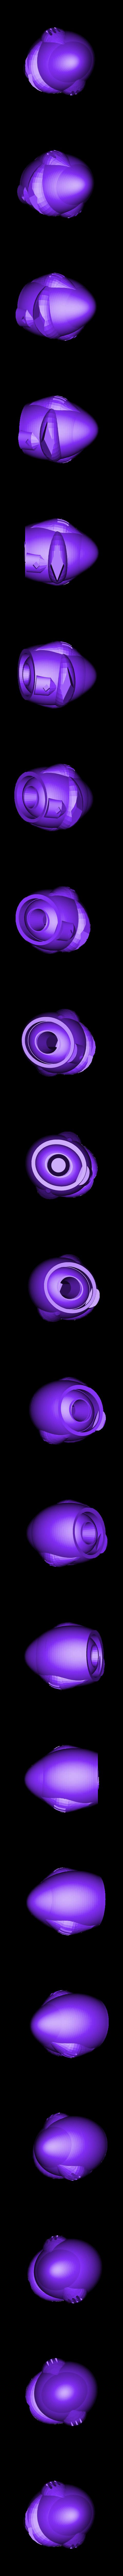 head_1.stl Télécharger fichier STL gratuit Guard Rob (robot) • Objet pour imprimante 3D, NohaBody